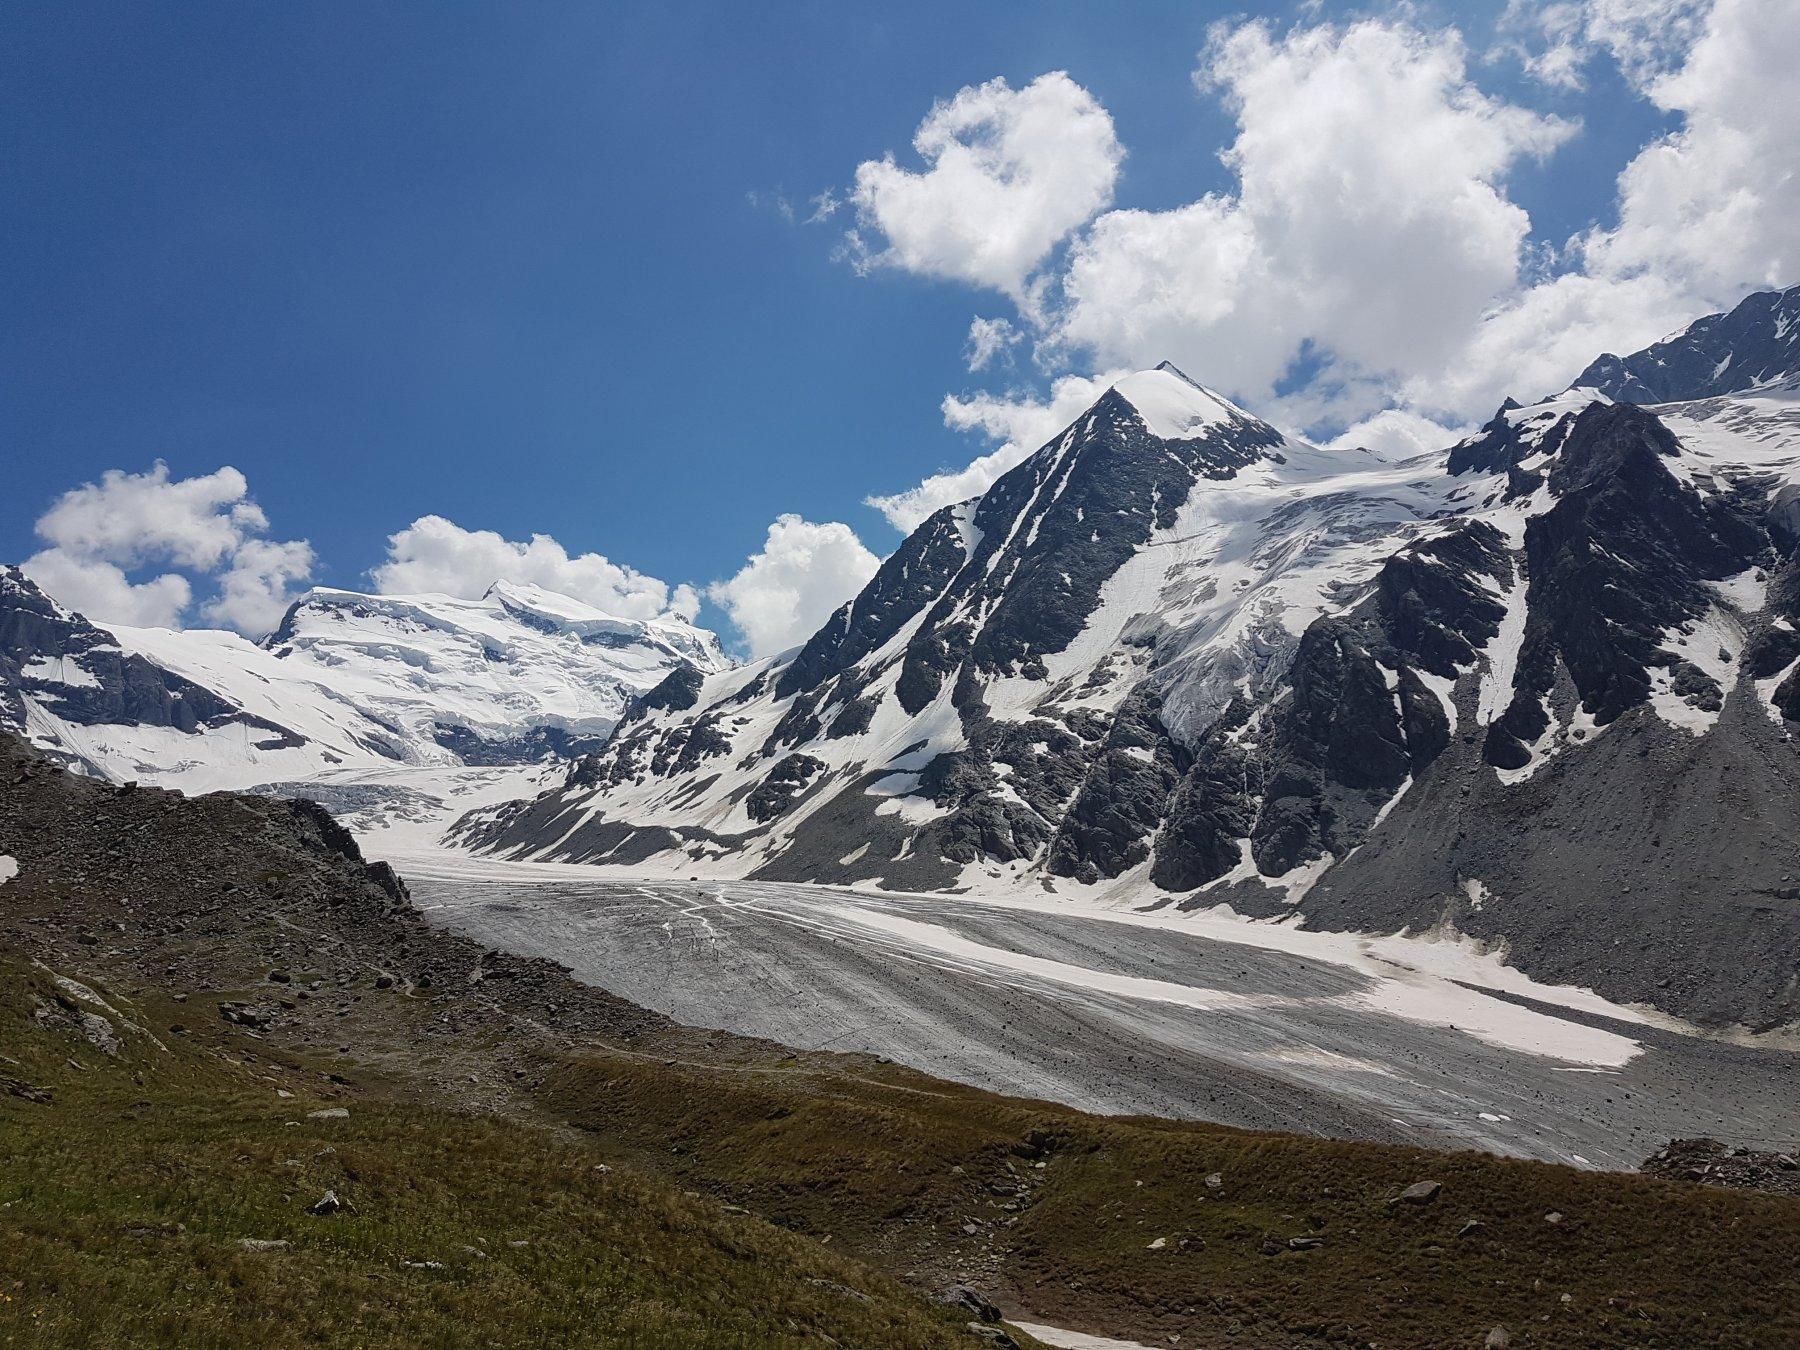 Il ghiacciaio con il Gran Combin sullo sfondo